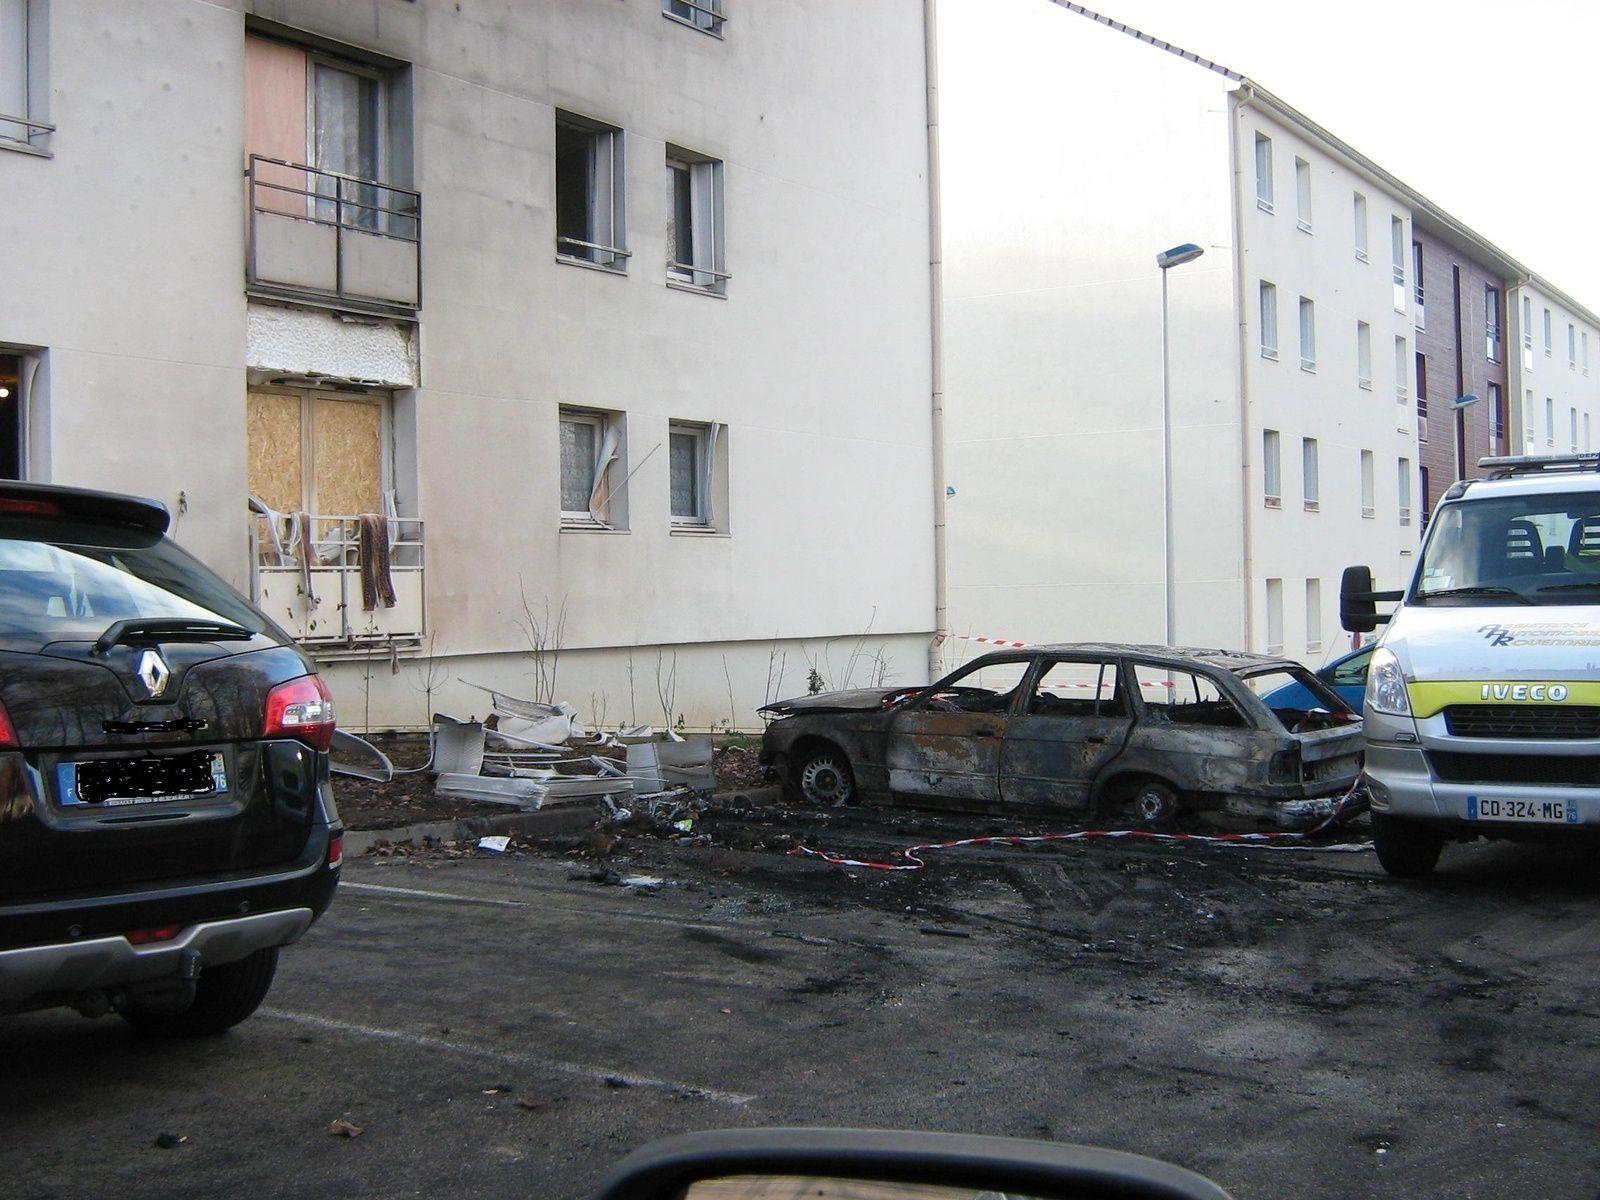 photo de la situation Mardi en début d'après midi, l'évacuation des voitures en cours.